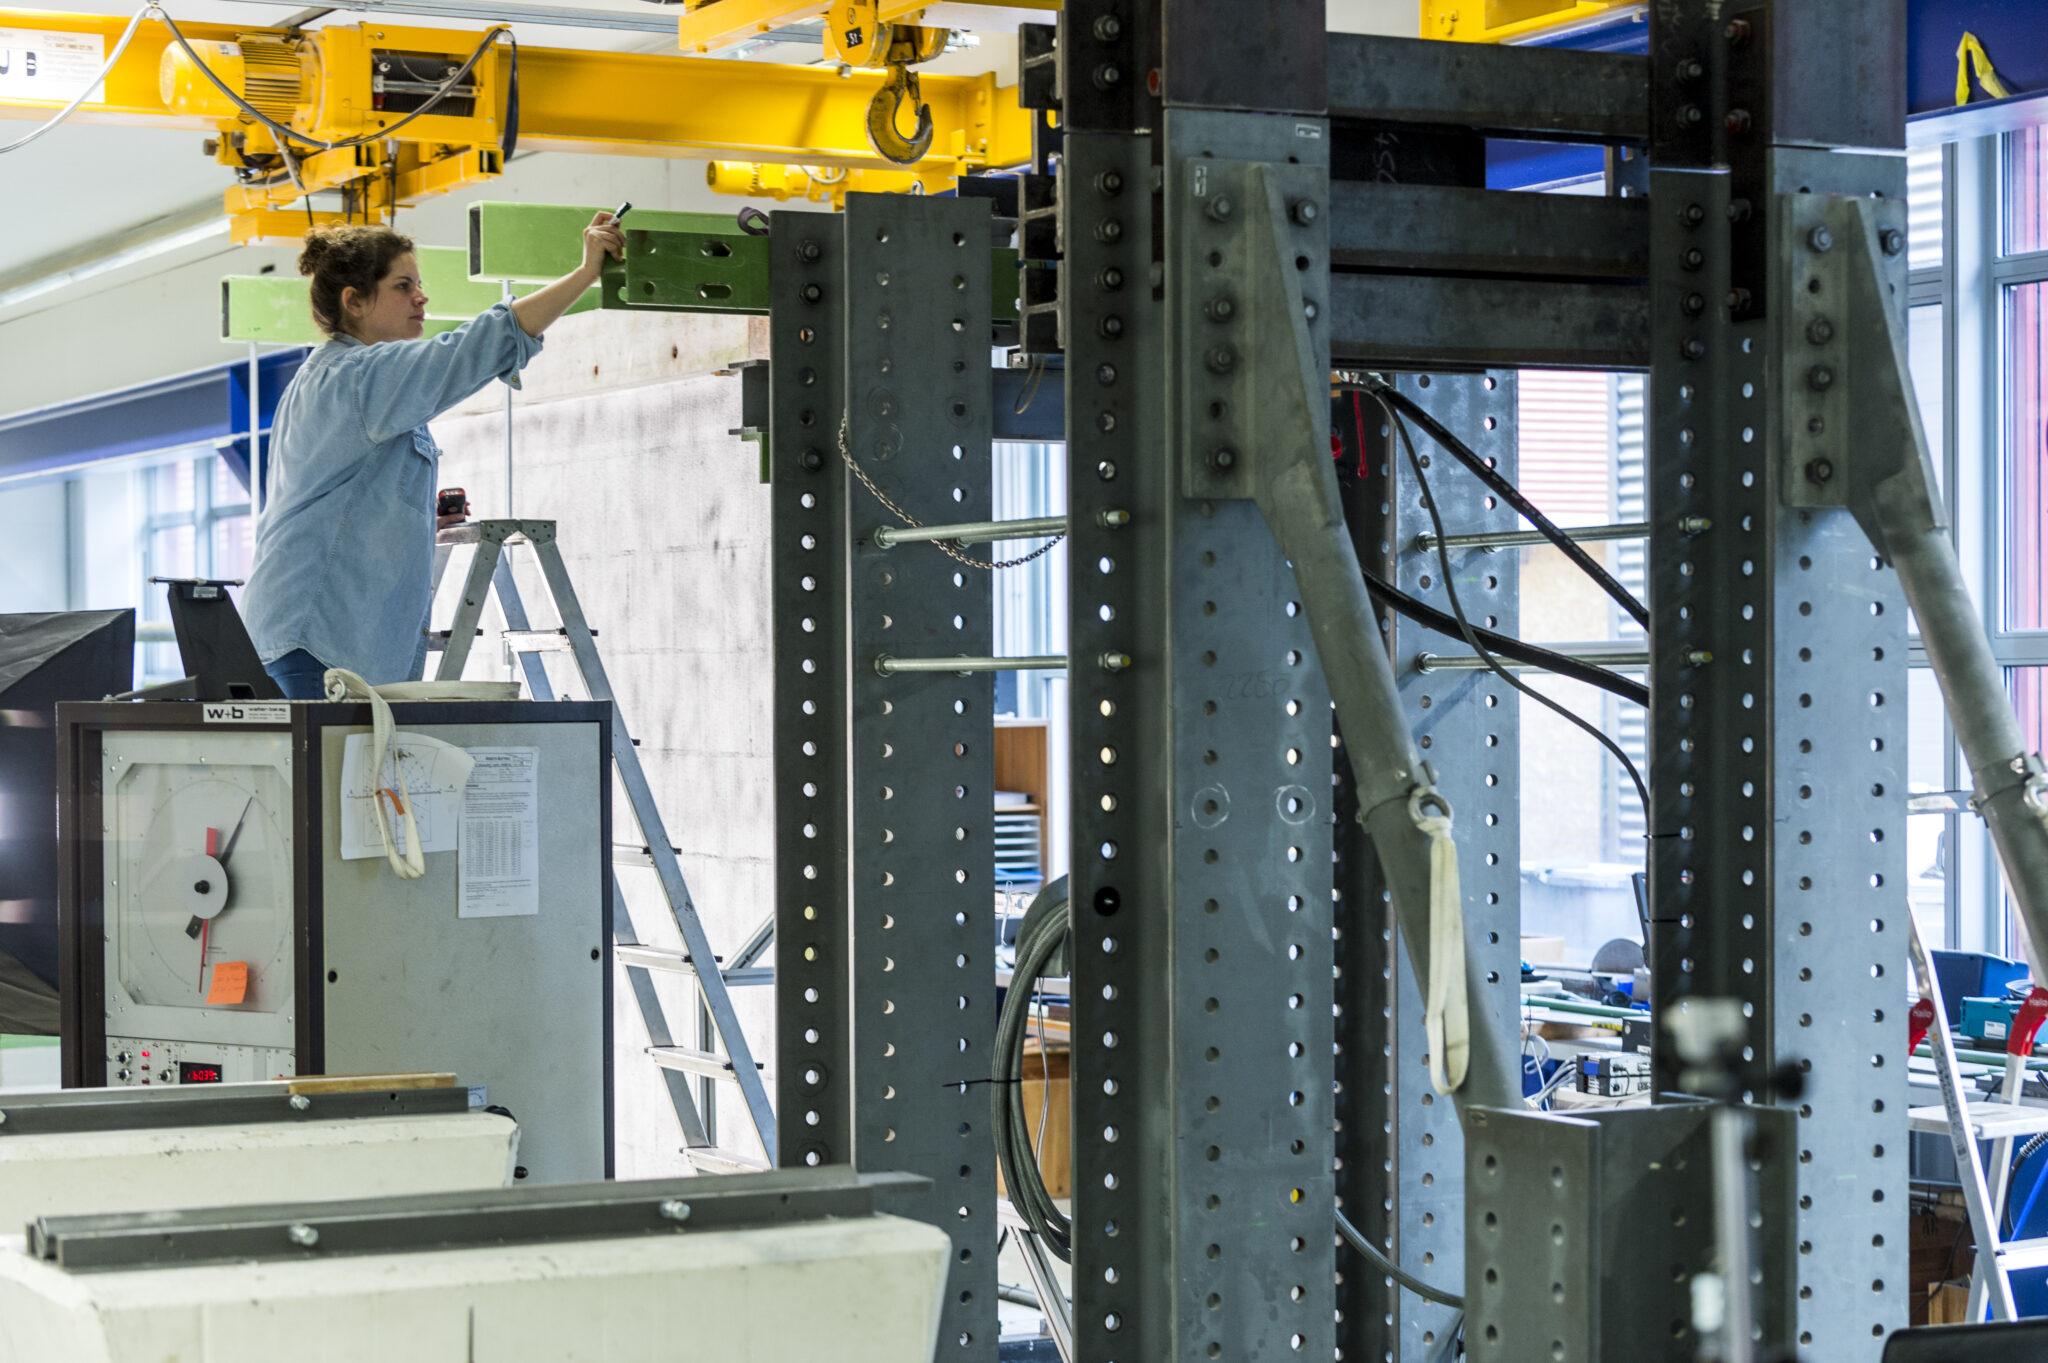 Kommt ein neues Baumaterial auf den Markt, muss seine Erdbebensicherheit vorher überprüft werden. Das Team der Prüfstelle der Hochschule Luzern simuliert dazu Belastung und Bewegung, die während eines Erdbebens auf eine Mauer einwirken.